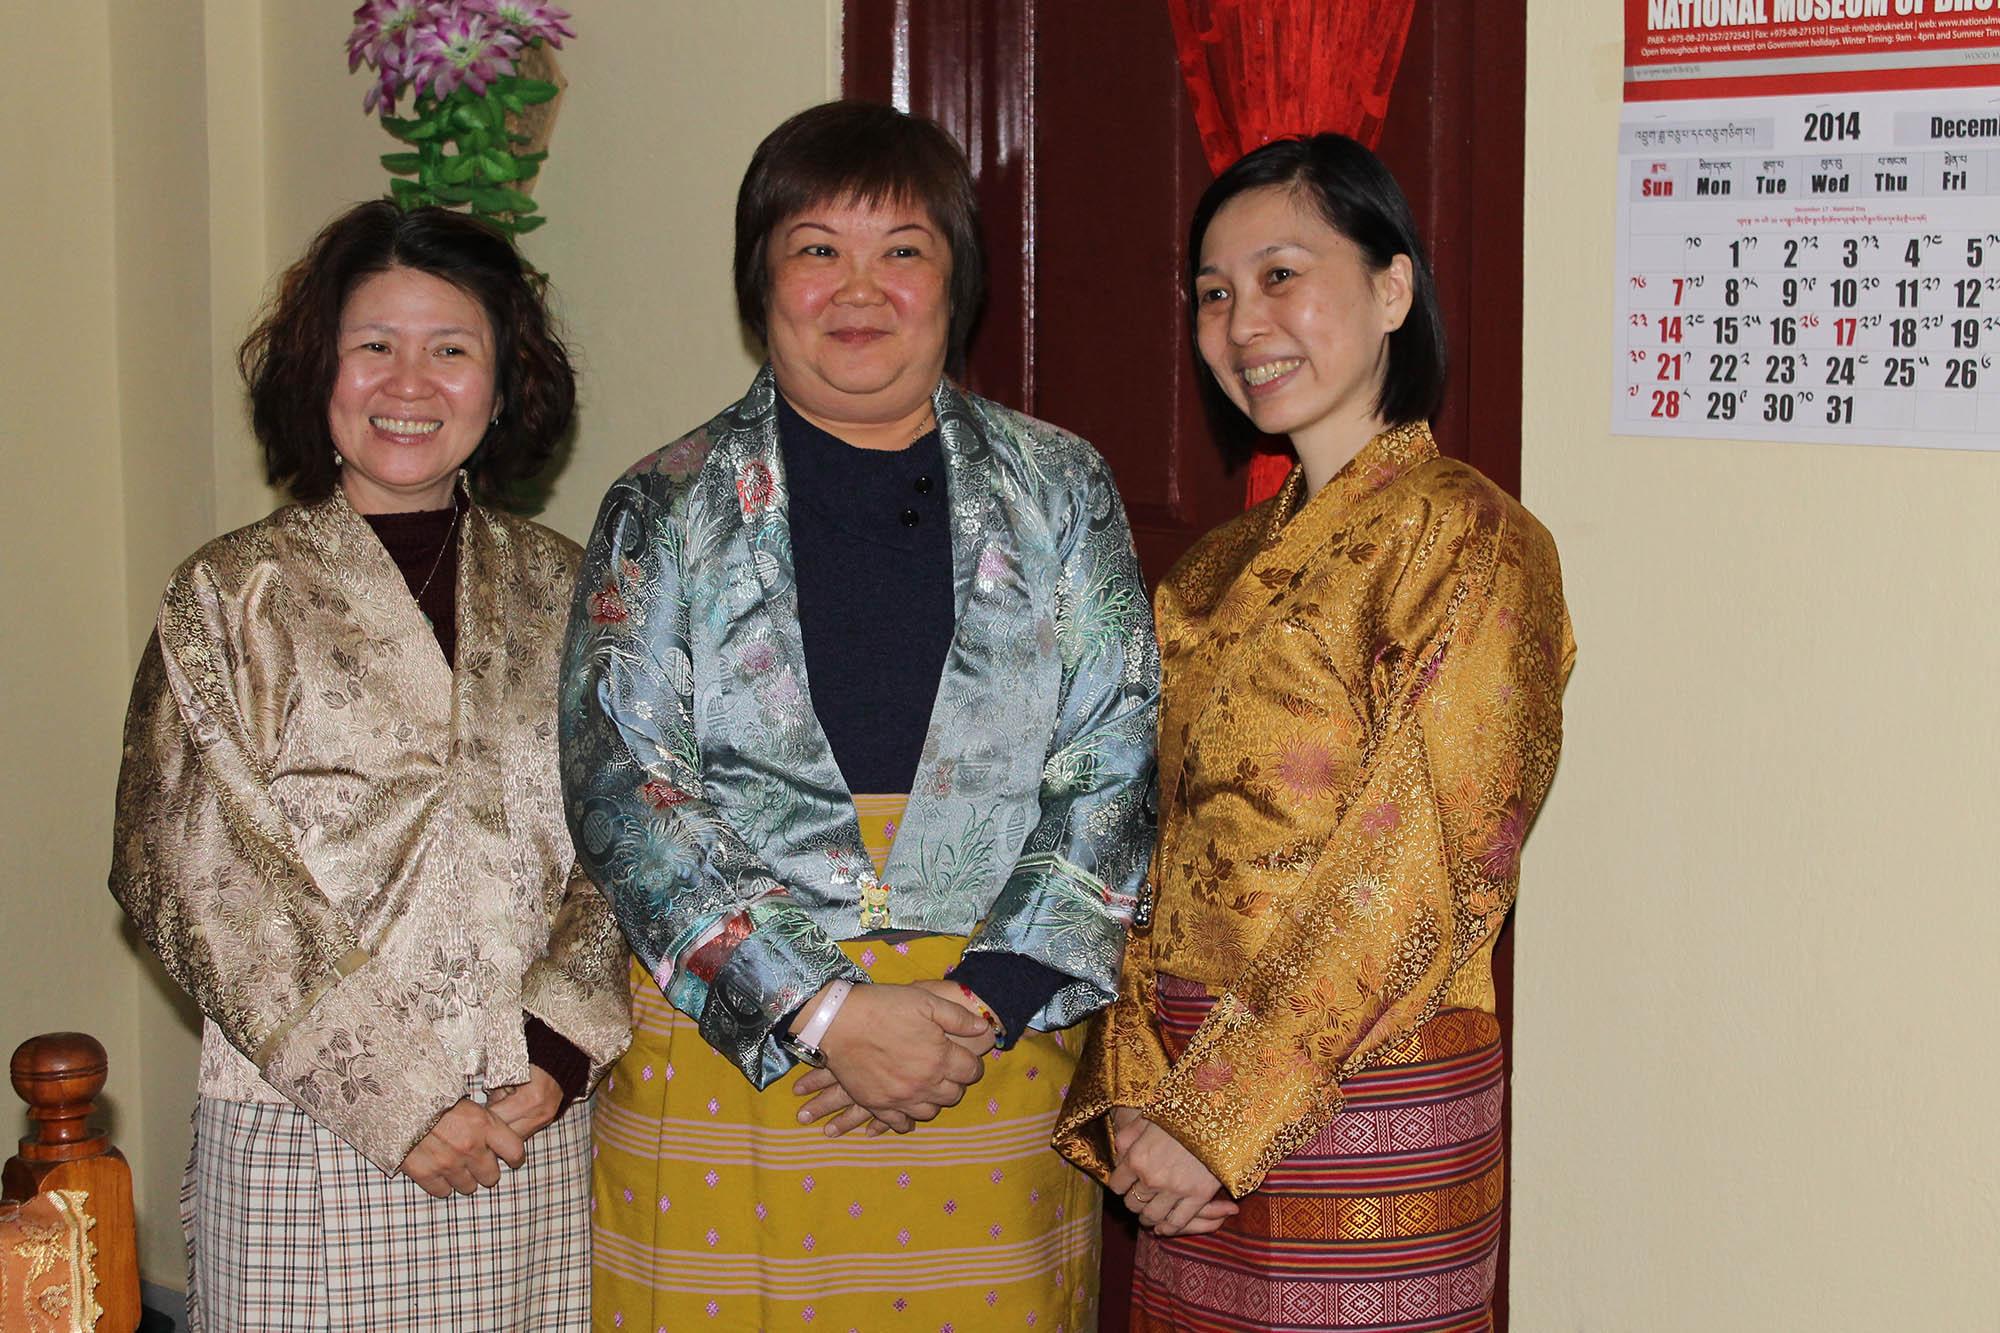 Li Mee Yean, MALAYSIA